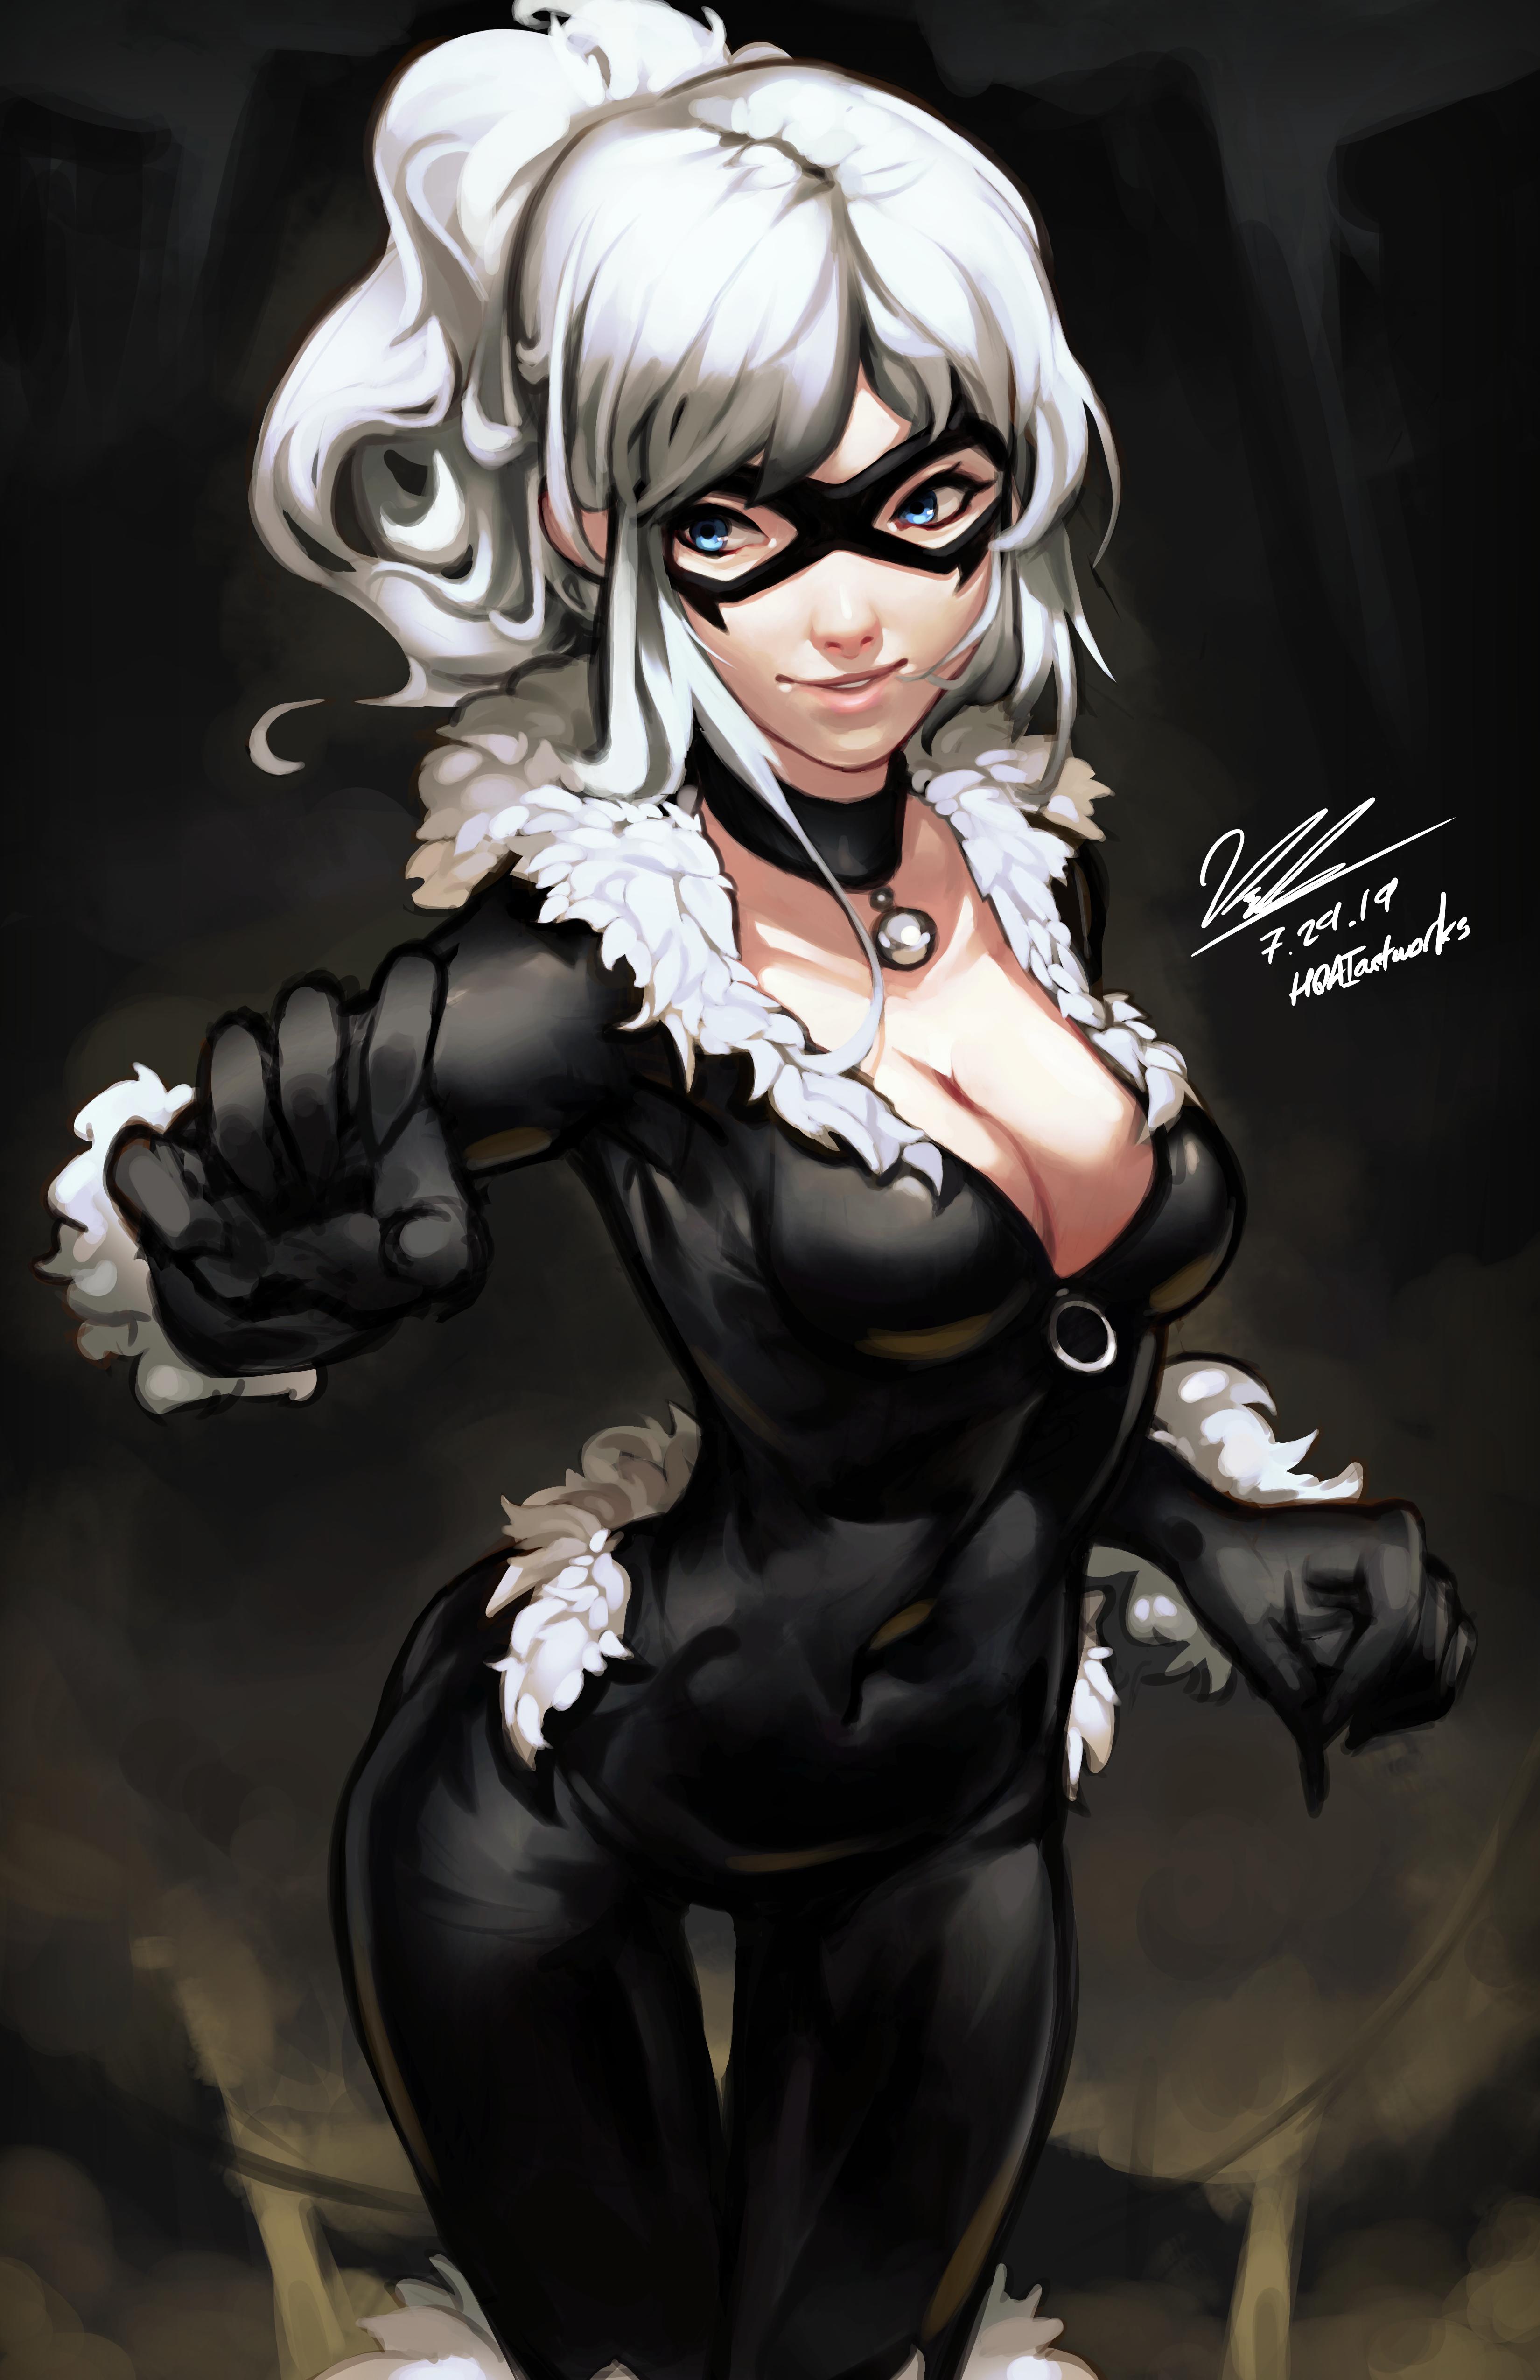 Black Cat By Hoaiartworks On Deviantart Black Cat Marvel Spiderman Black Cat Marvel Comics Art